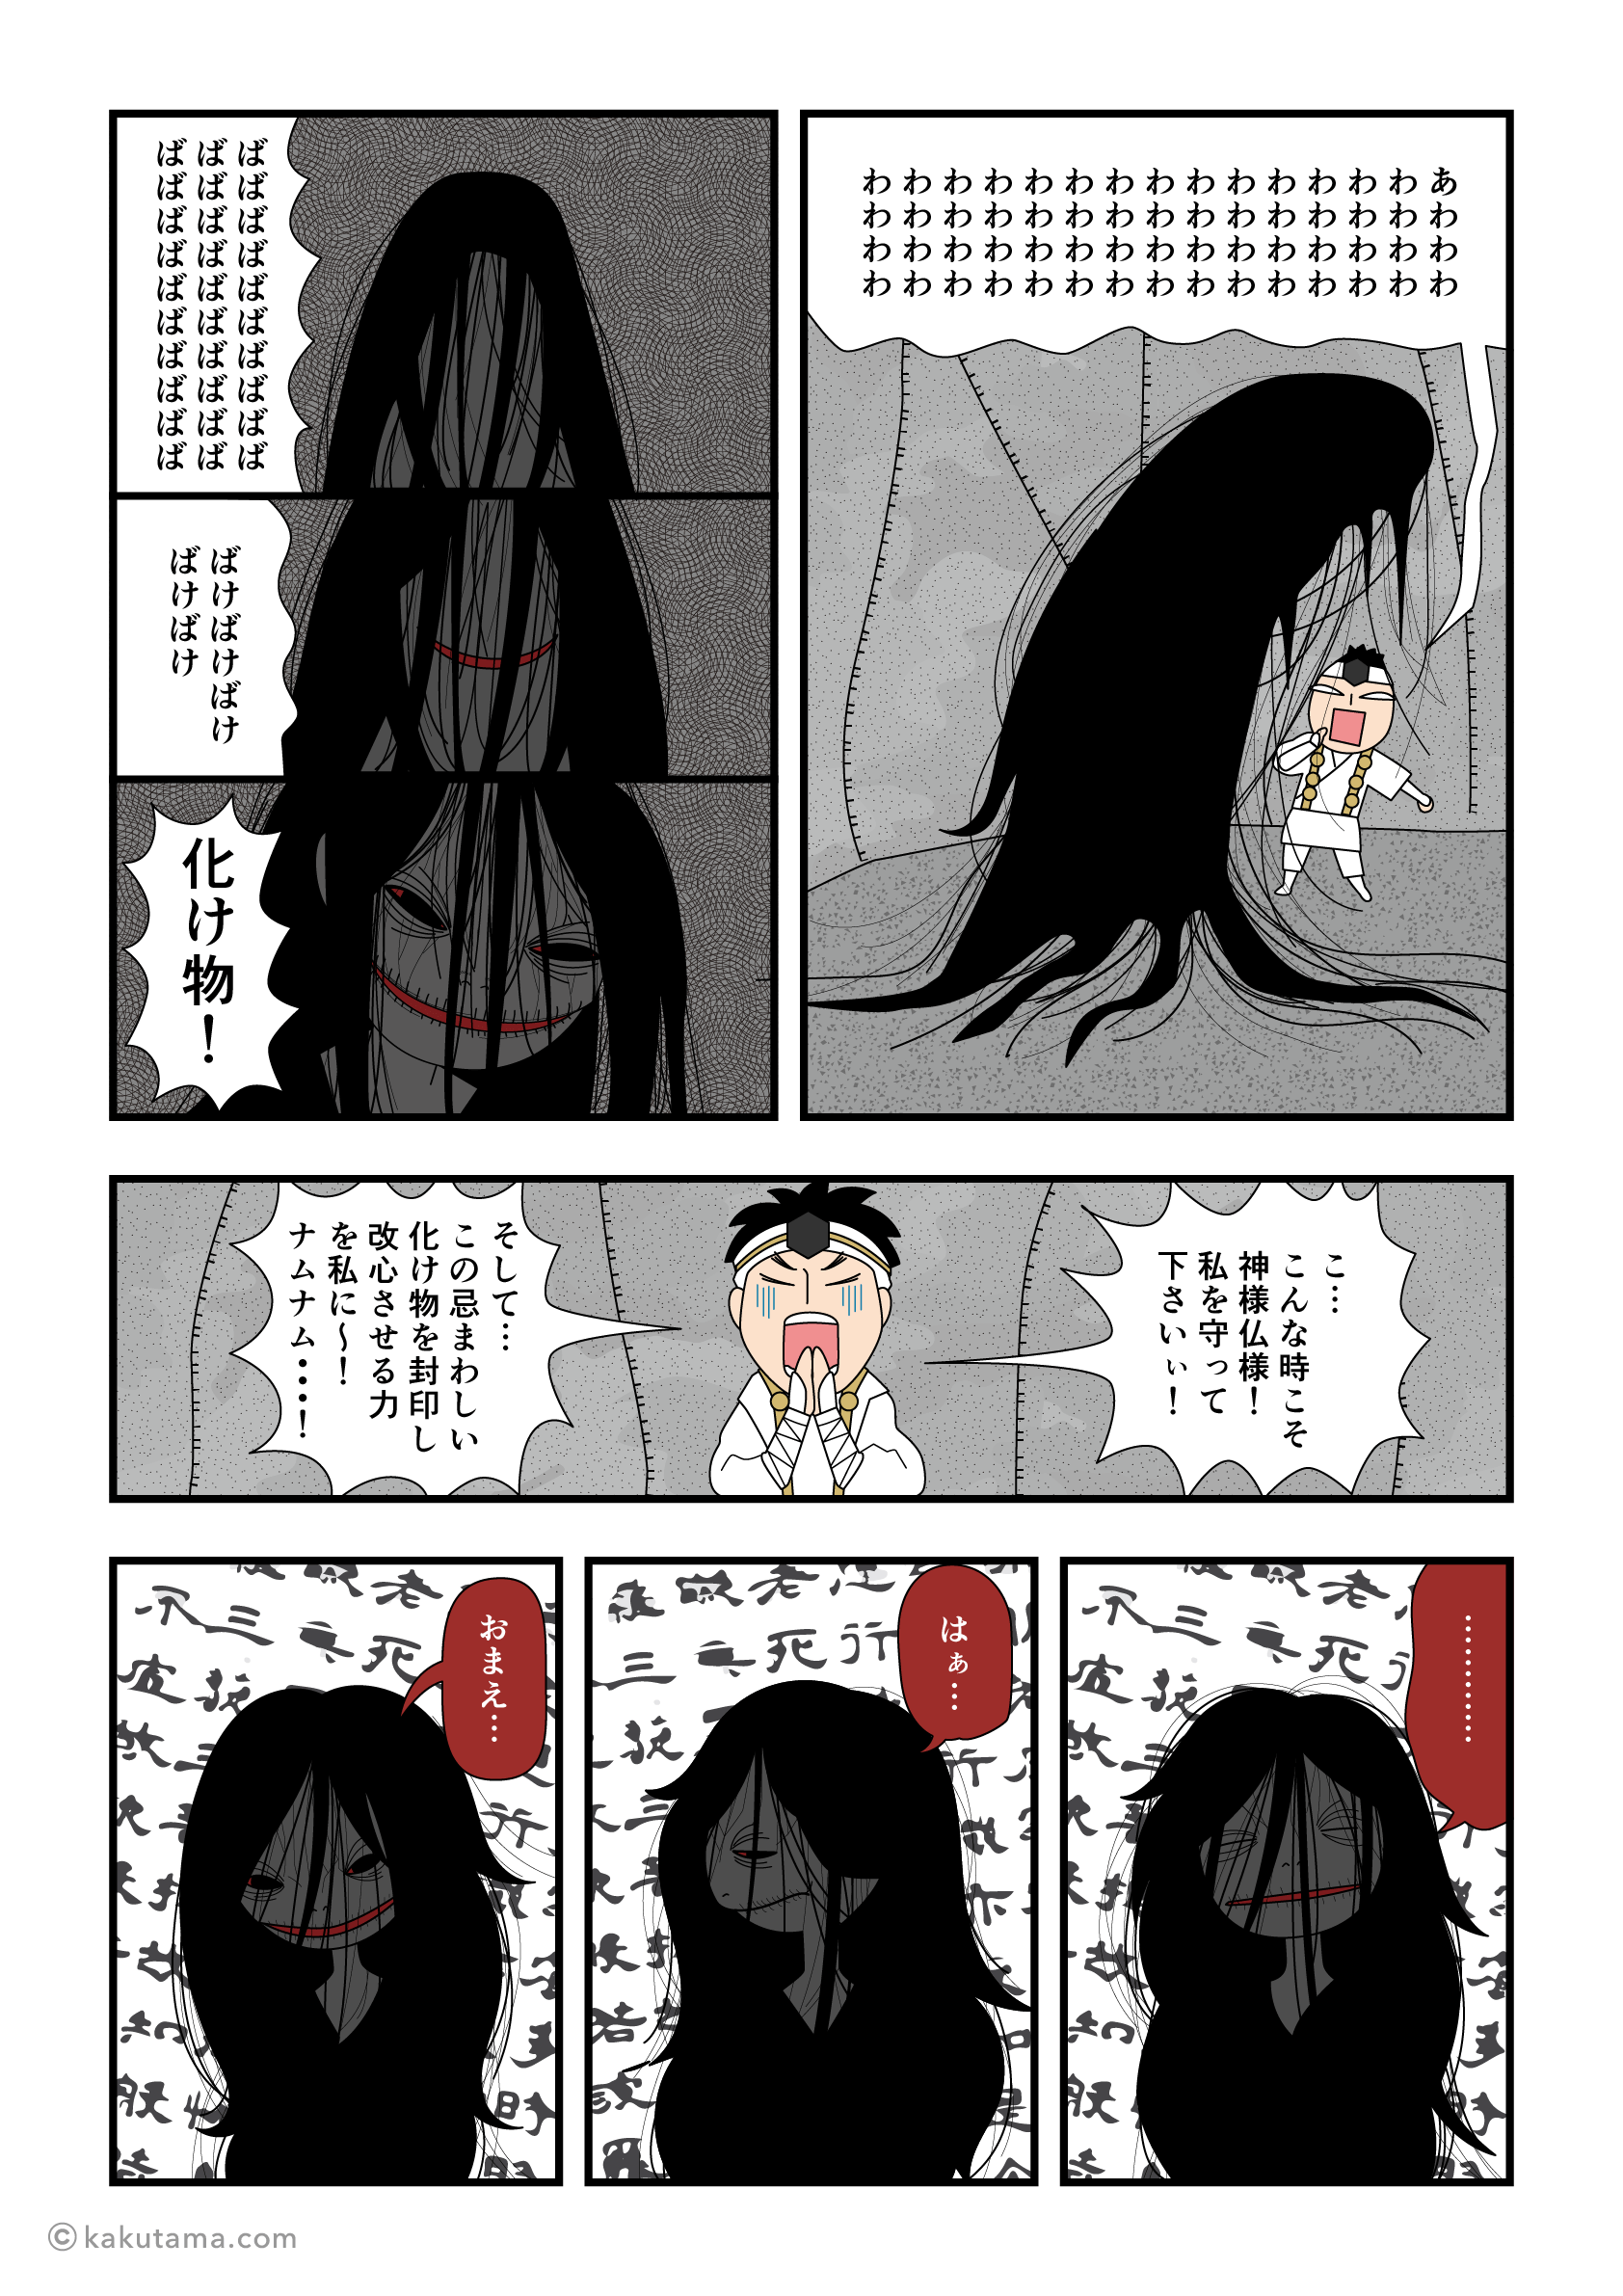 秋芳洞の奥に住む鬼女と遭遇した修験者の漫画3